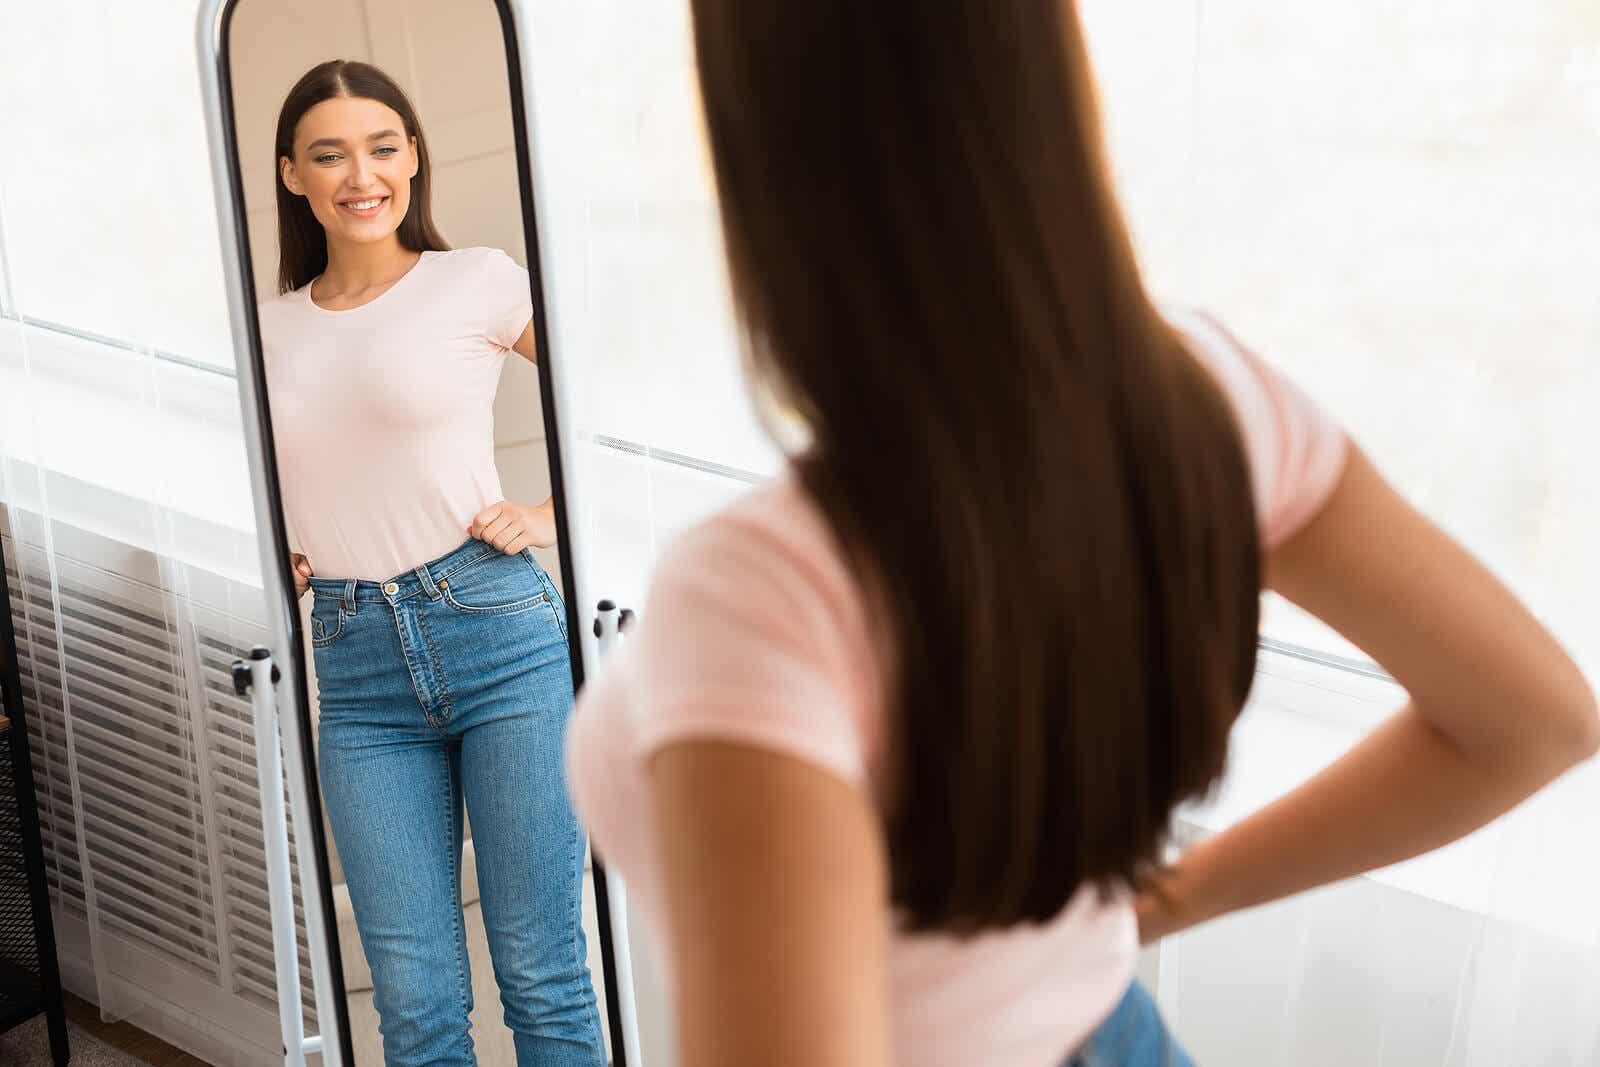 Dziewczyna uśmiecha się, patrząc na siebie w lustrze.